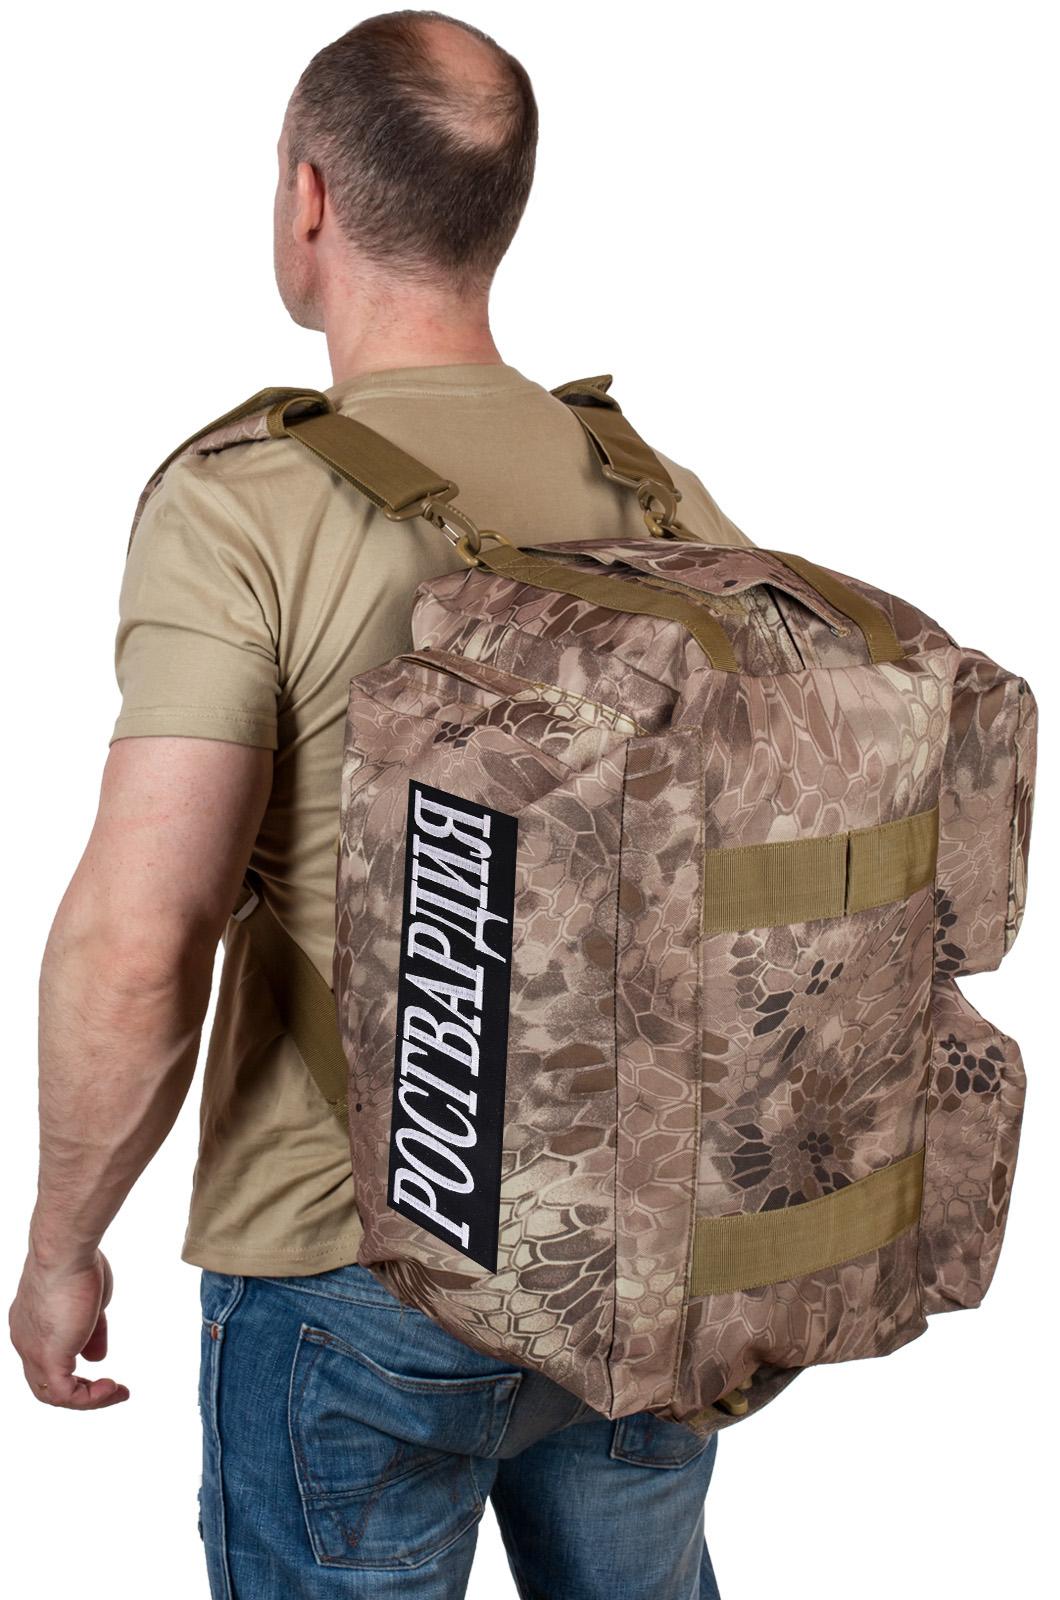 Купить армейскую походную сумку с нашивкой Росгвардия оптом или в розницу выгодно